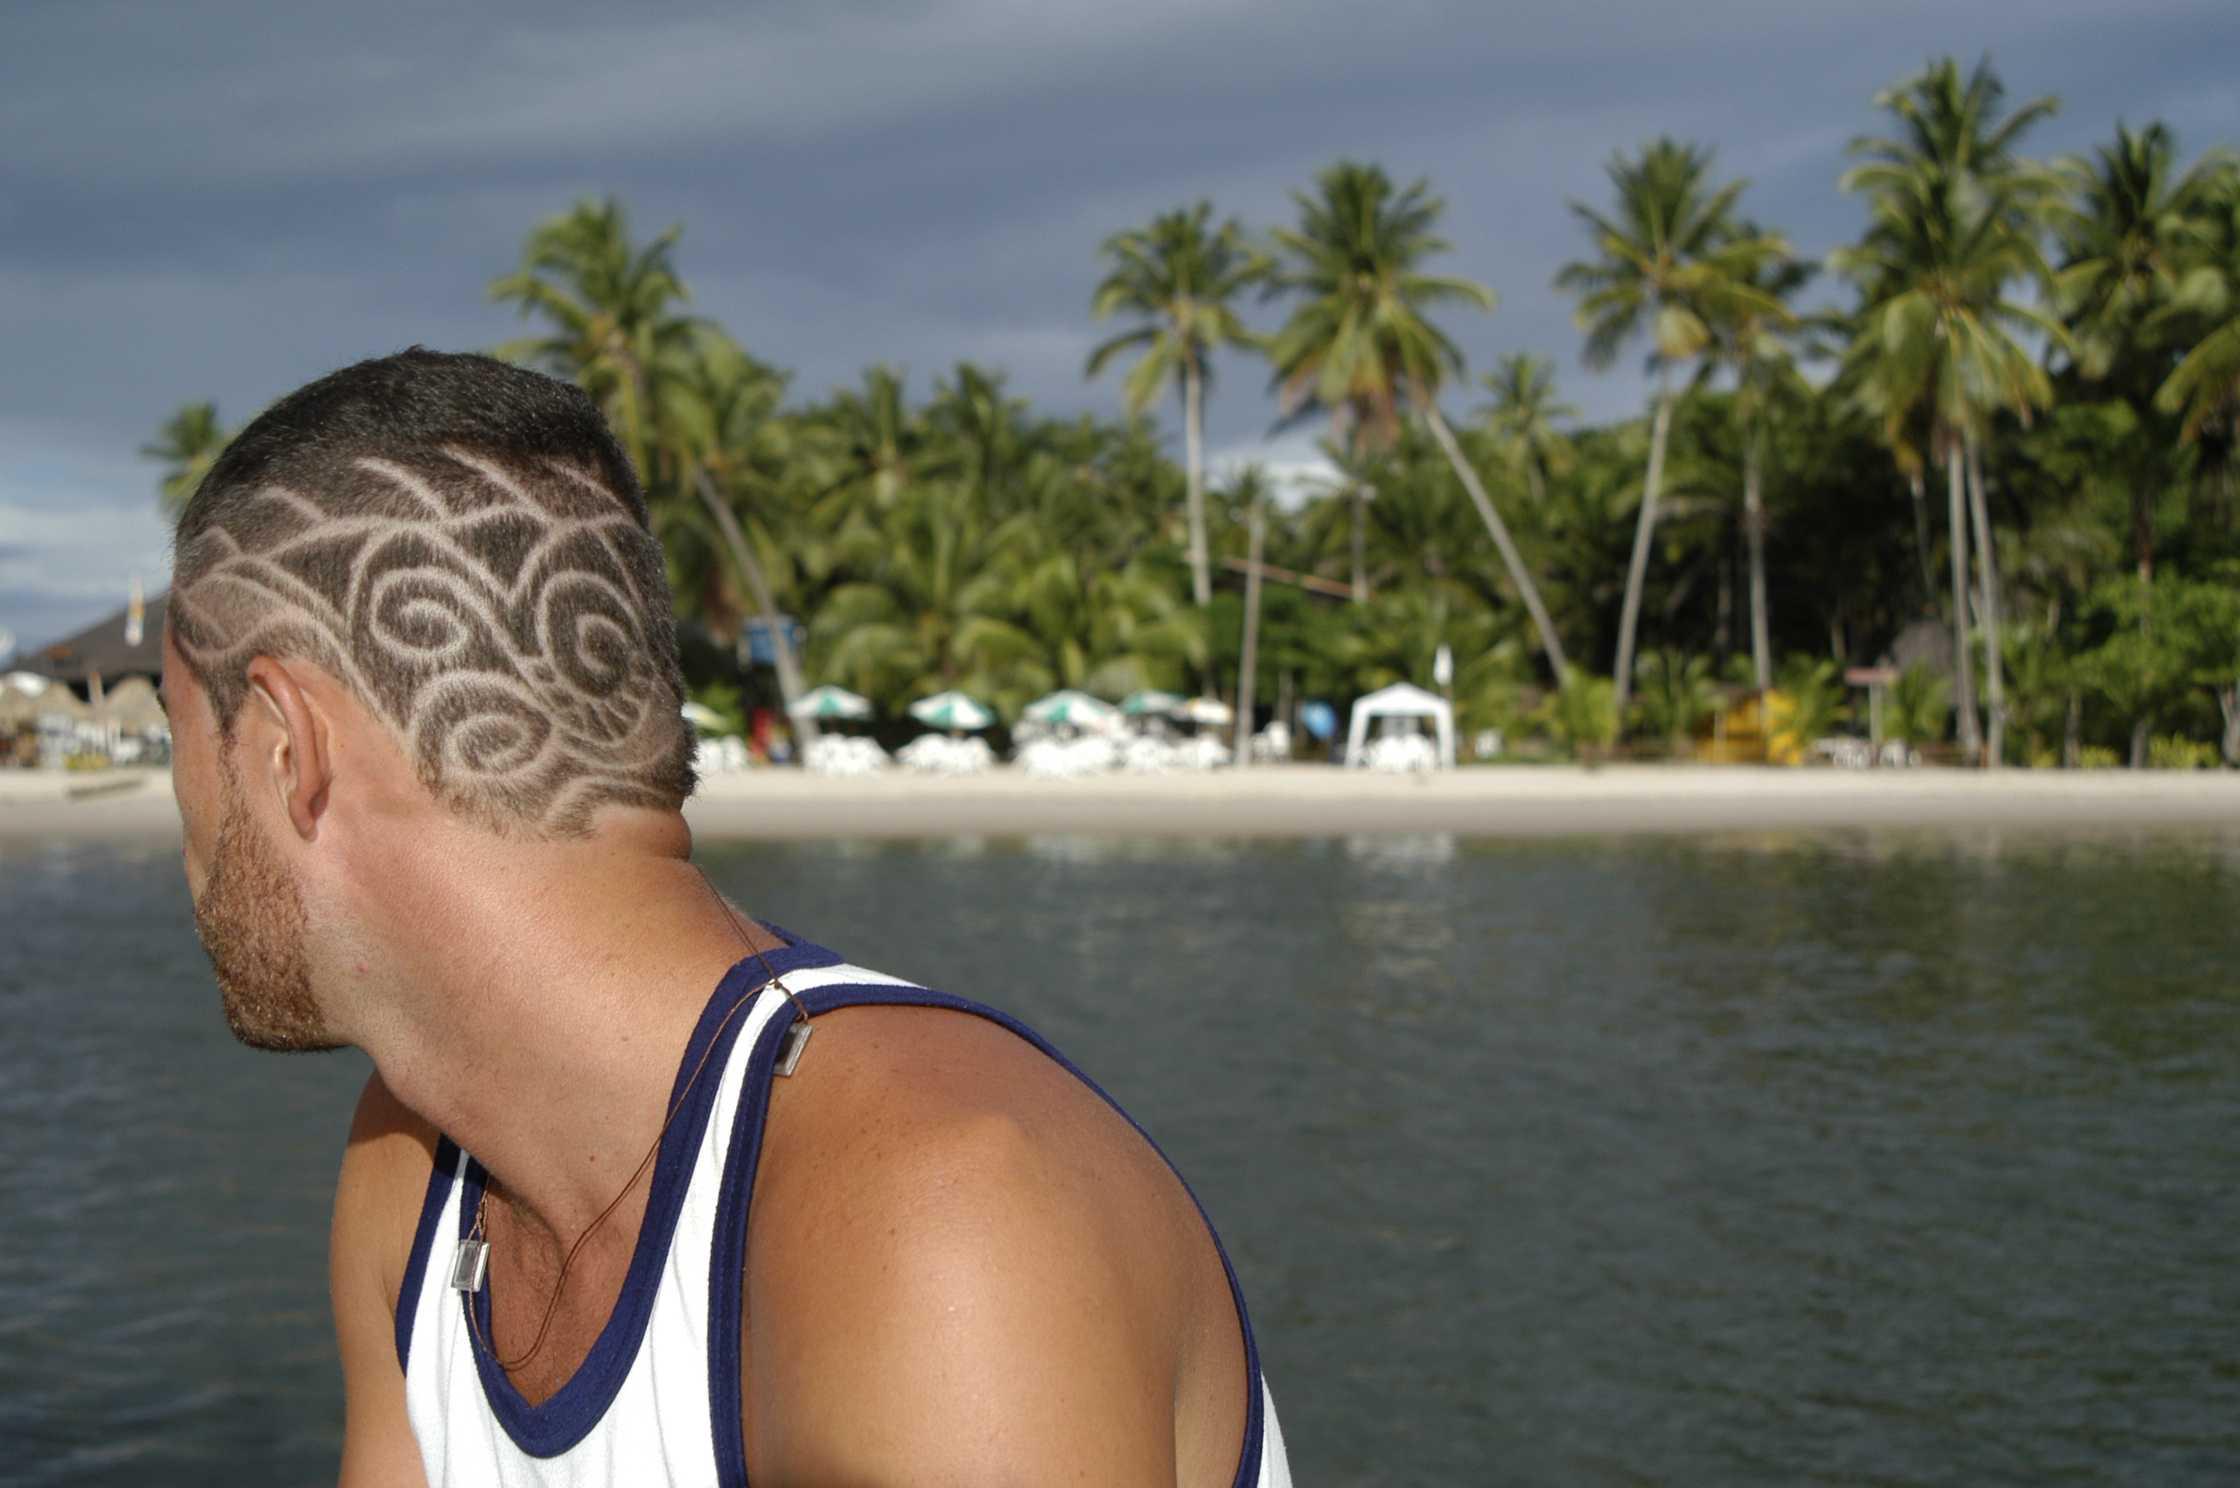 Bahia Brazilian Man with Hair Designs Tropical Beach